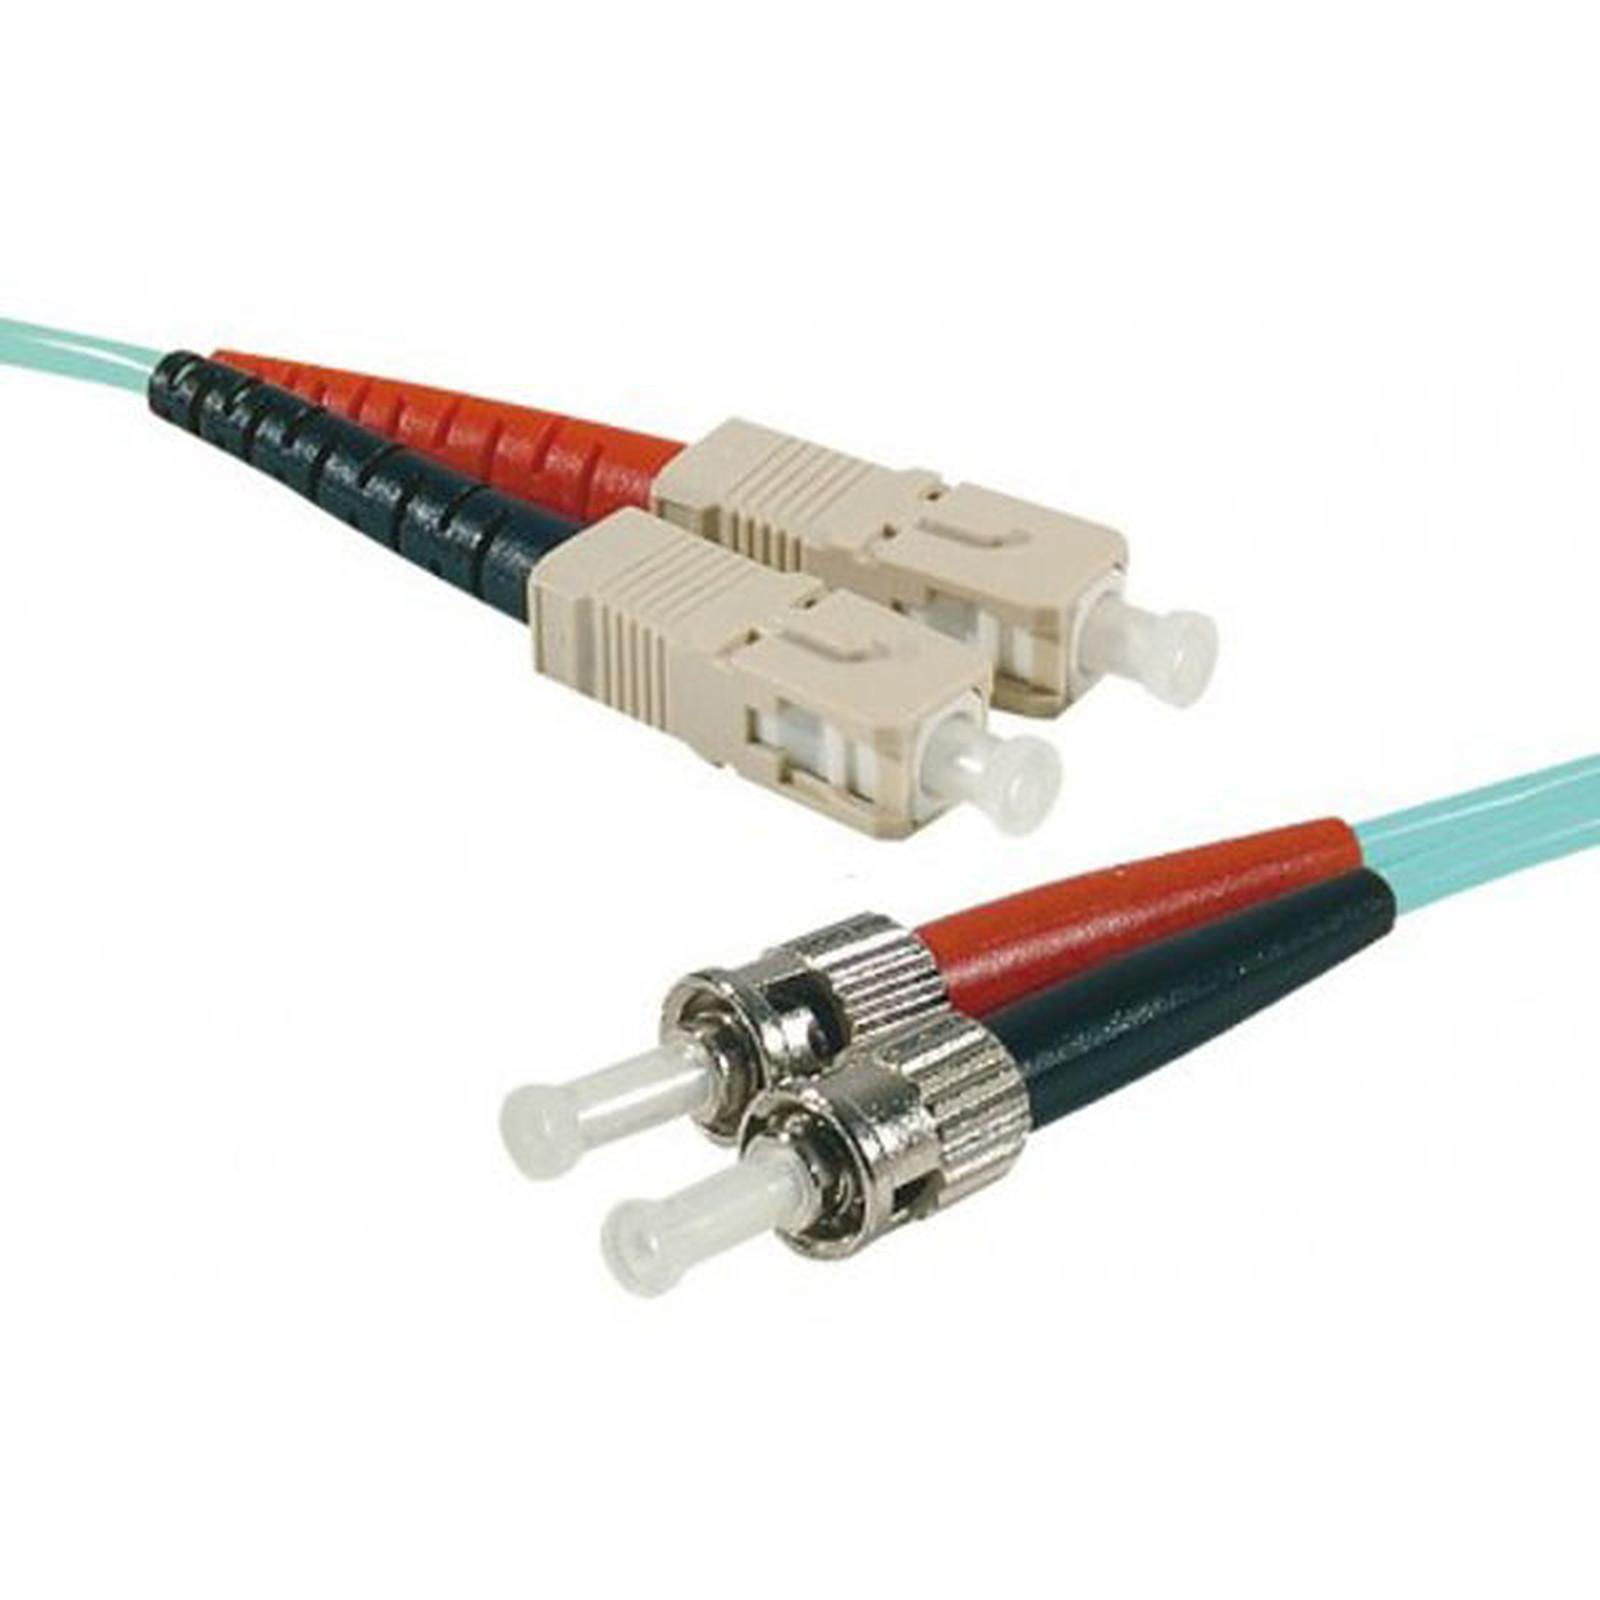 Câble fibre optique multimode OM4 50/125 SC-UPC/ST-UPC (2 mètres)